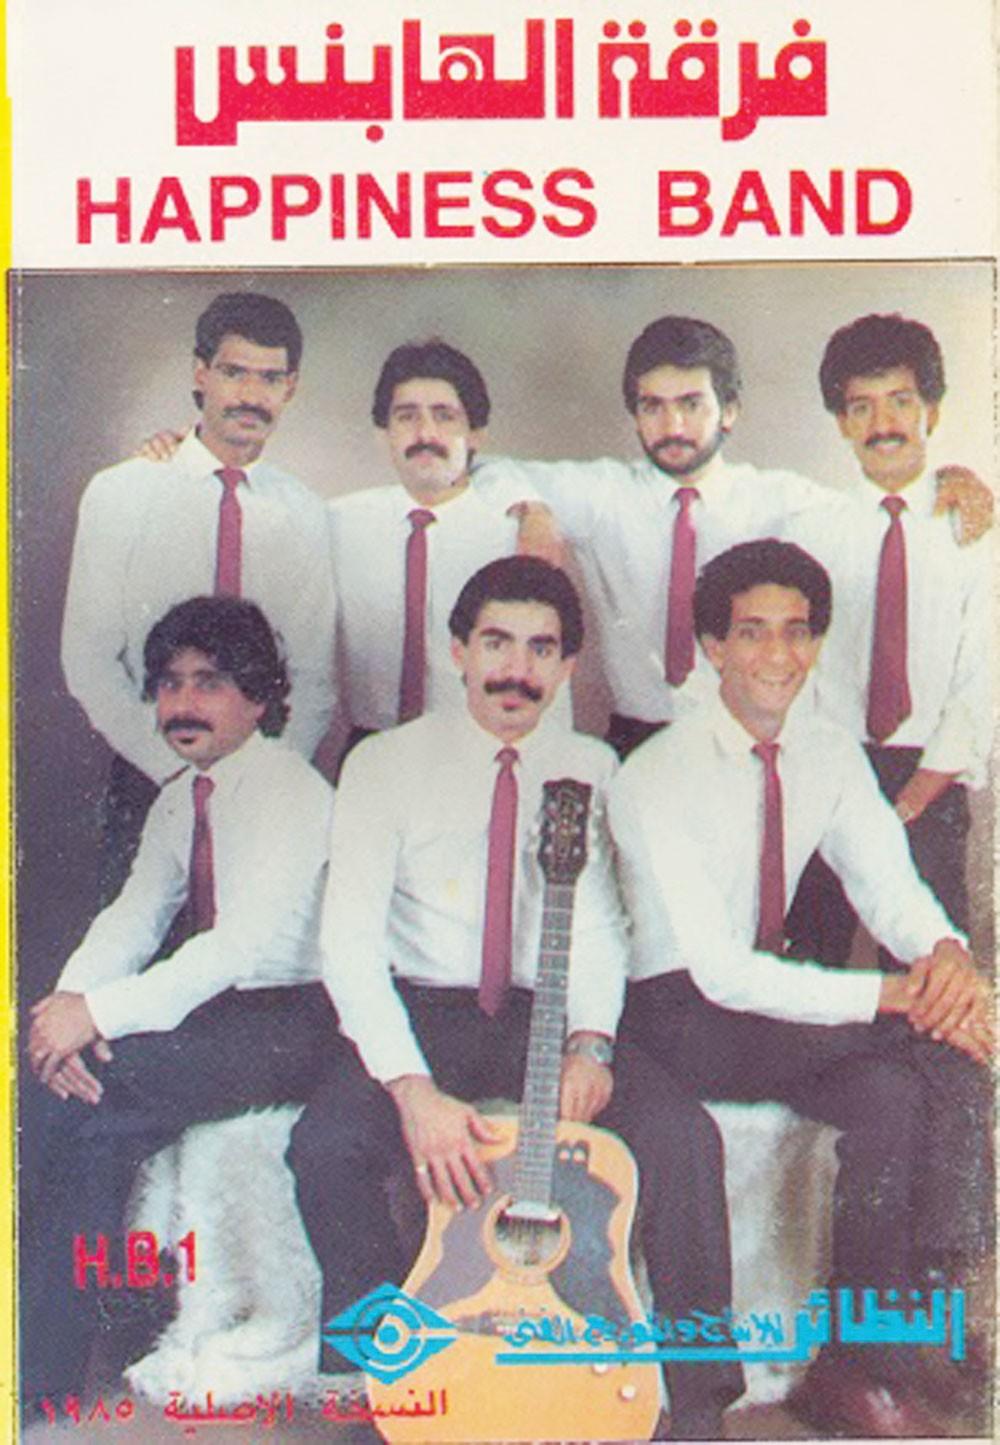 الفرق الموسيقية الغربية في الثمانينات.. ذكريات لا يمكن ان تذوب